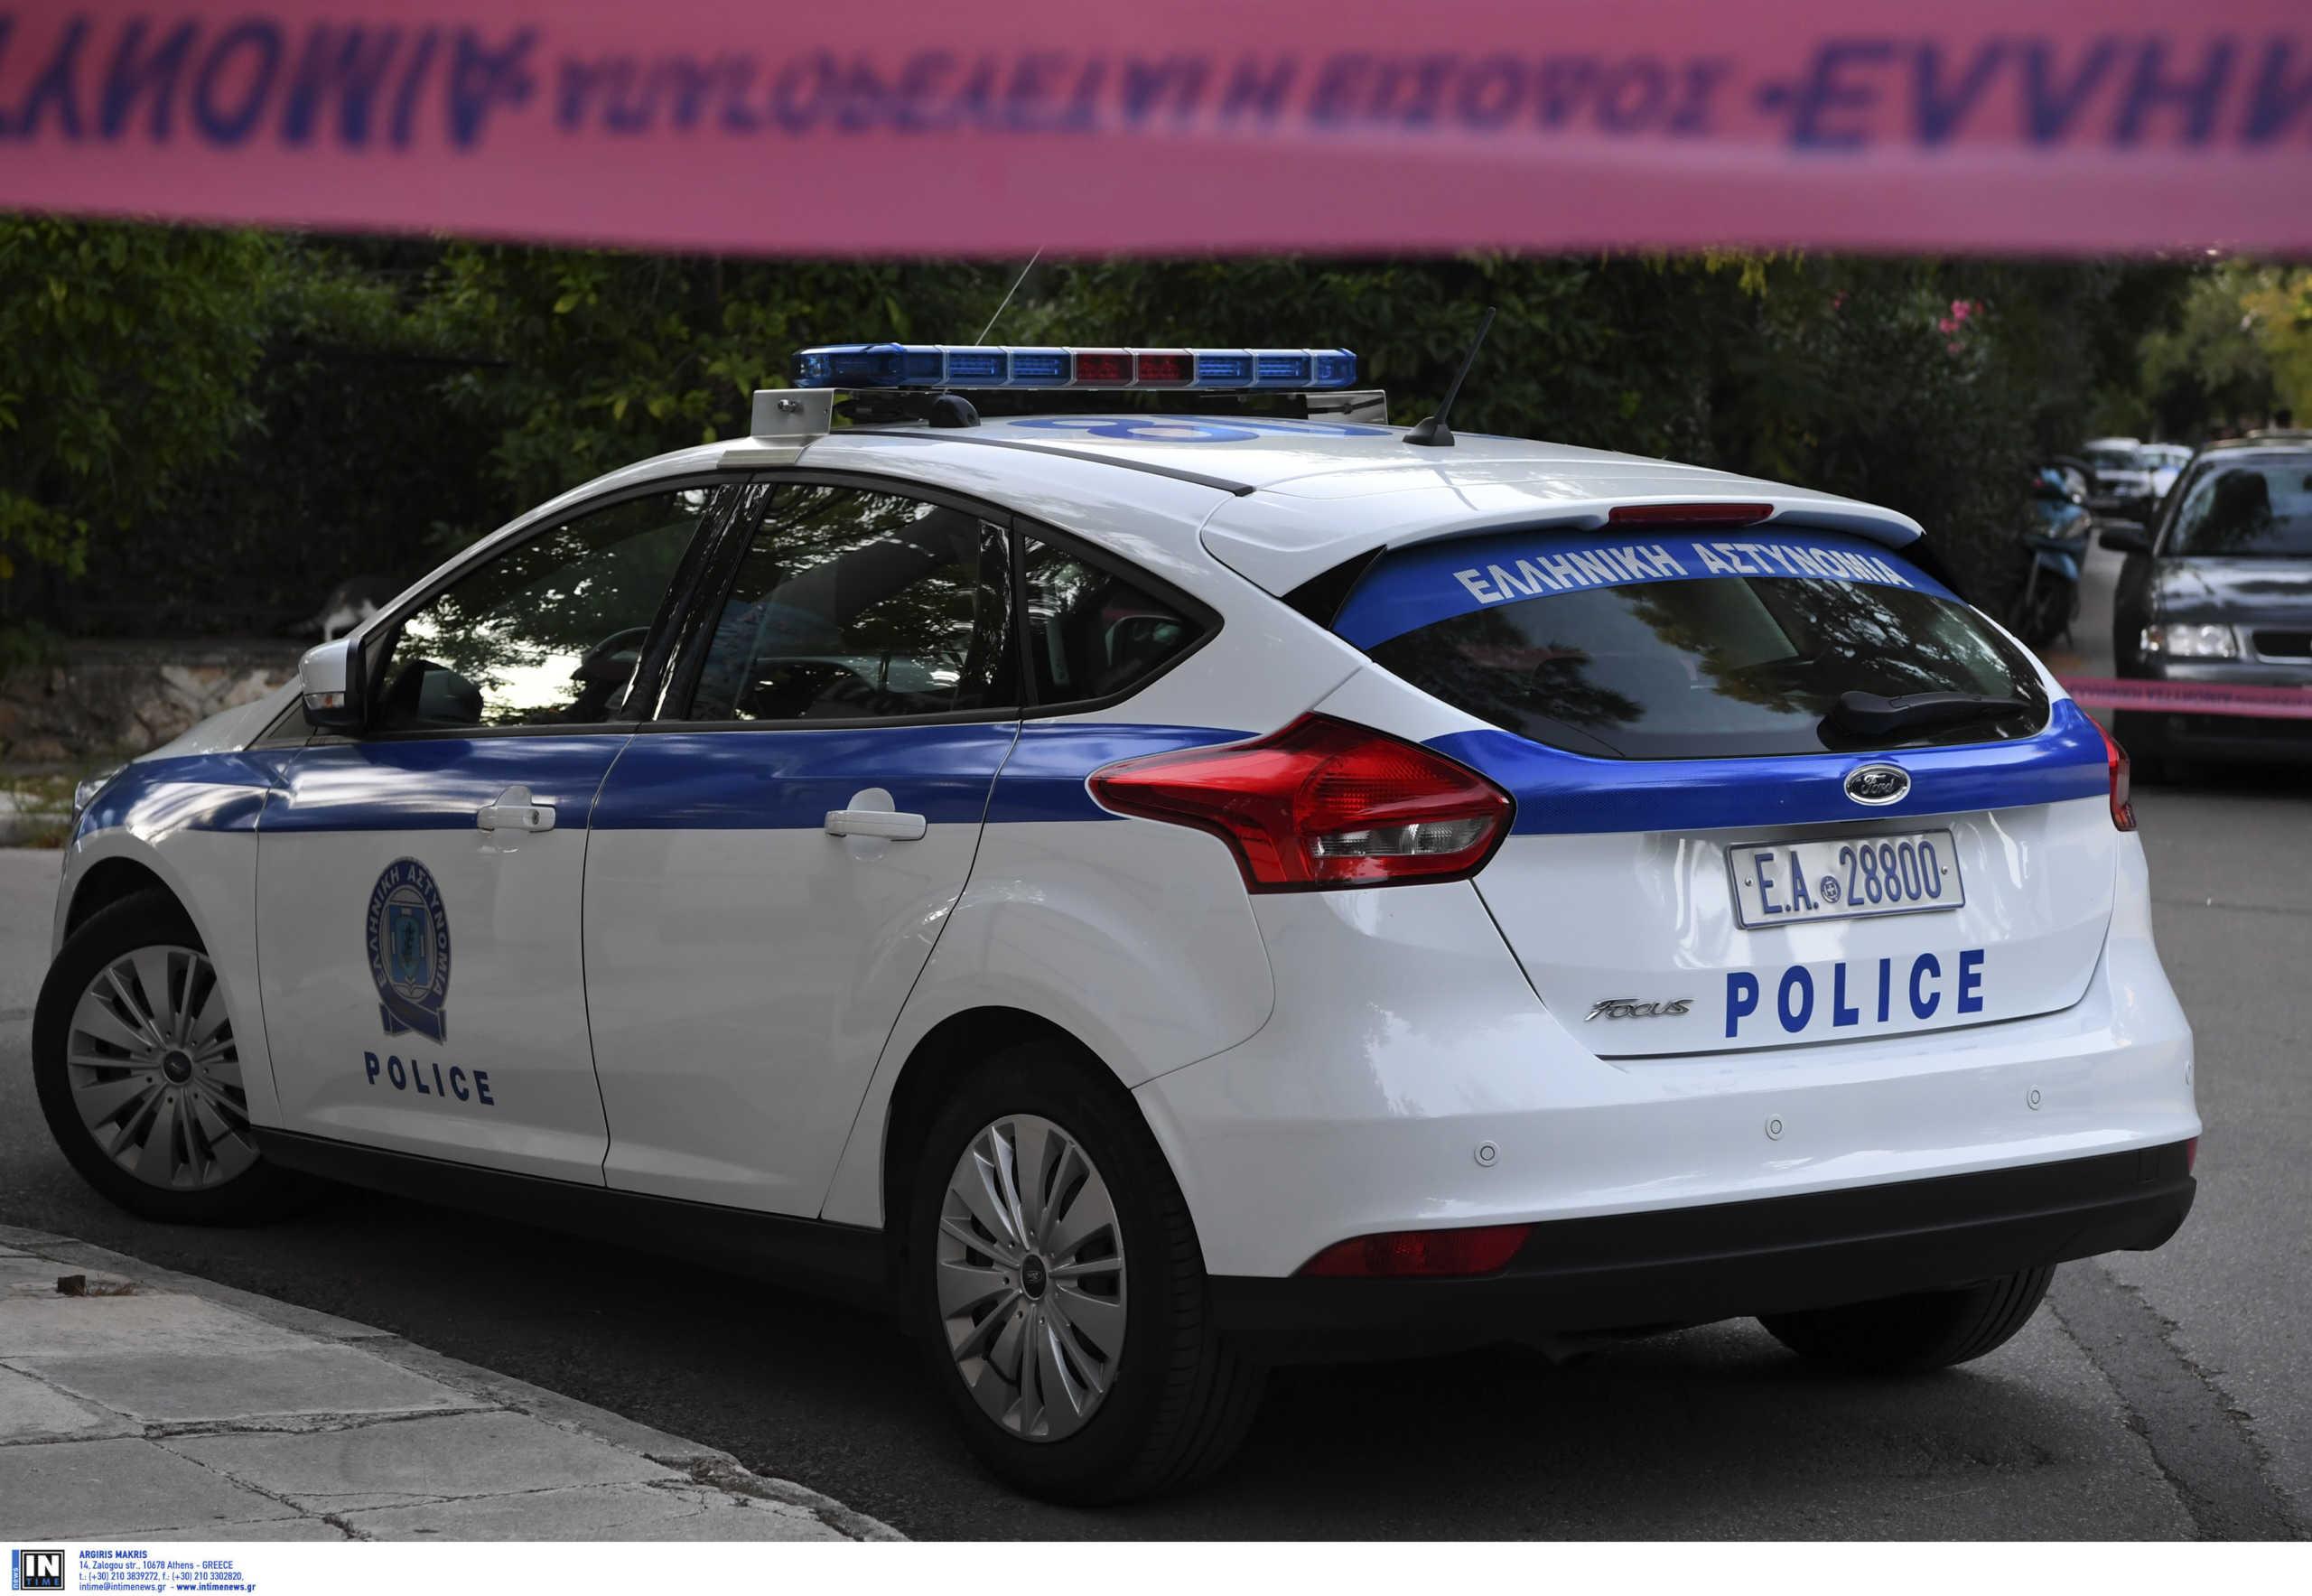 Κρήτη: Αιματηρή συμπλοκή στη Μεσαρά – 5 τραυματίες, δεκάδες συλλήψεις